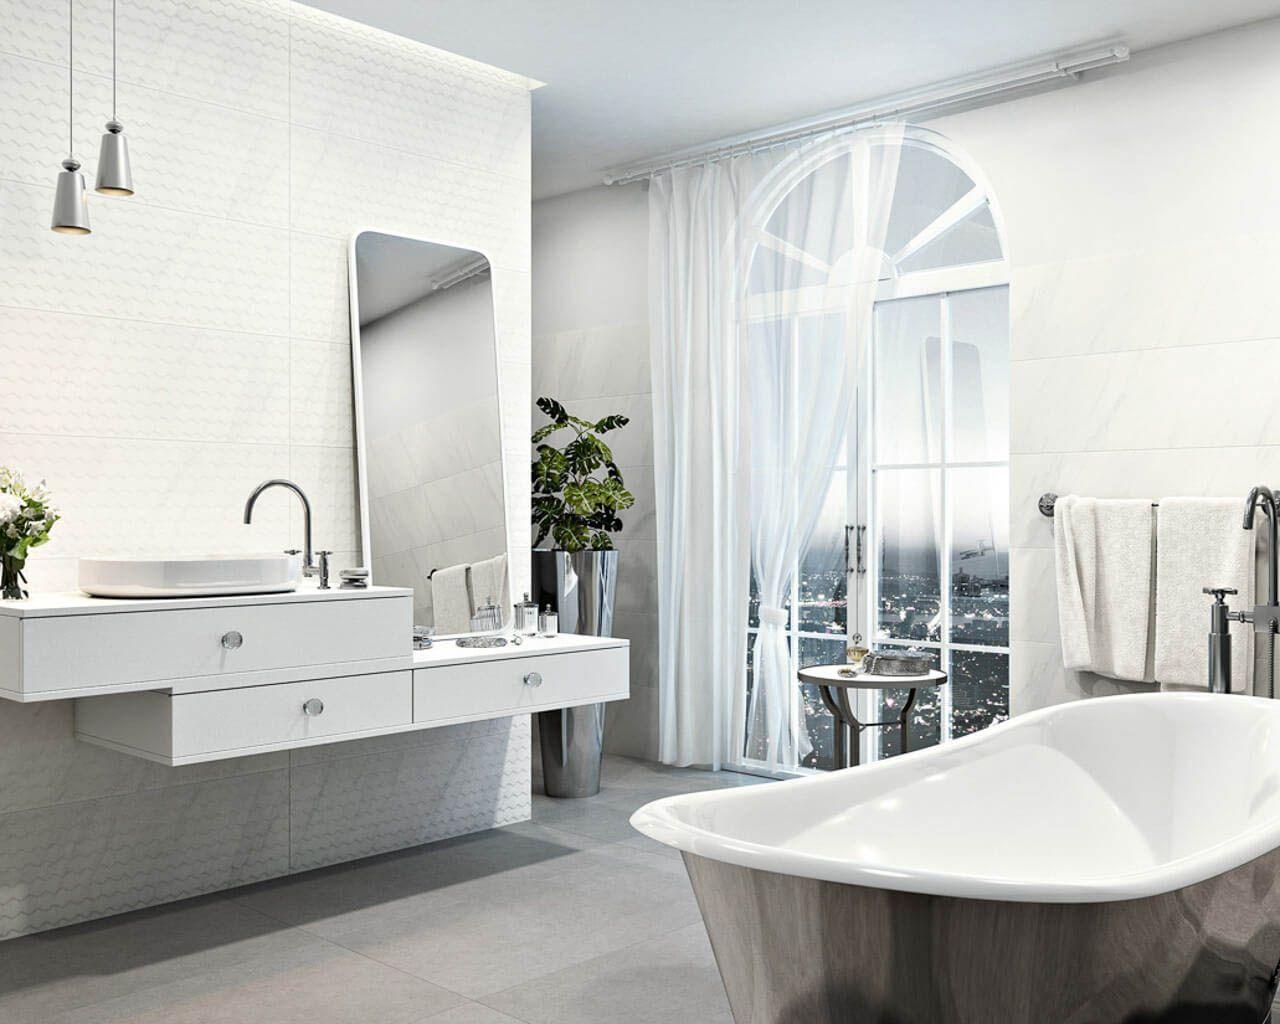 Nowoczesna Klasyka Elegancka łazienka W Bieli I Srebrze